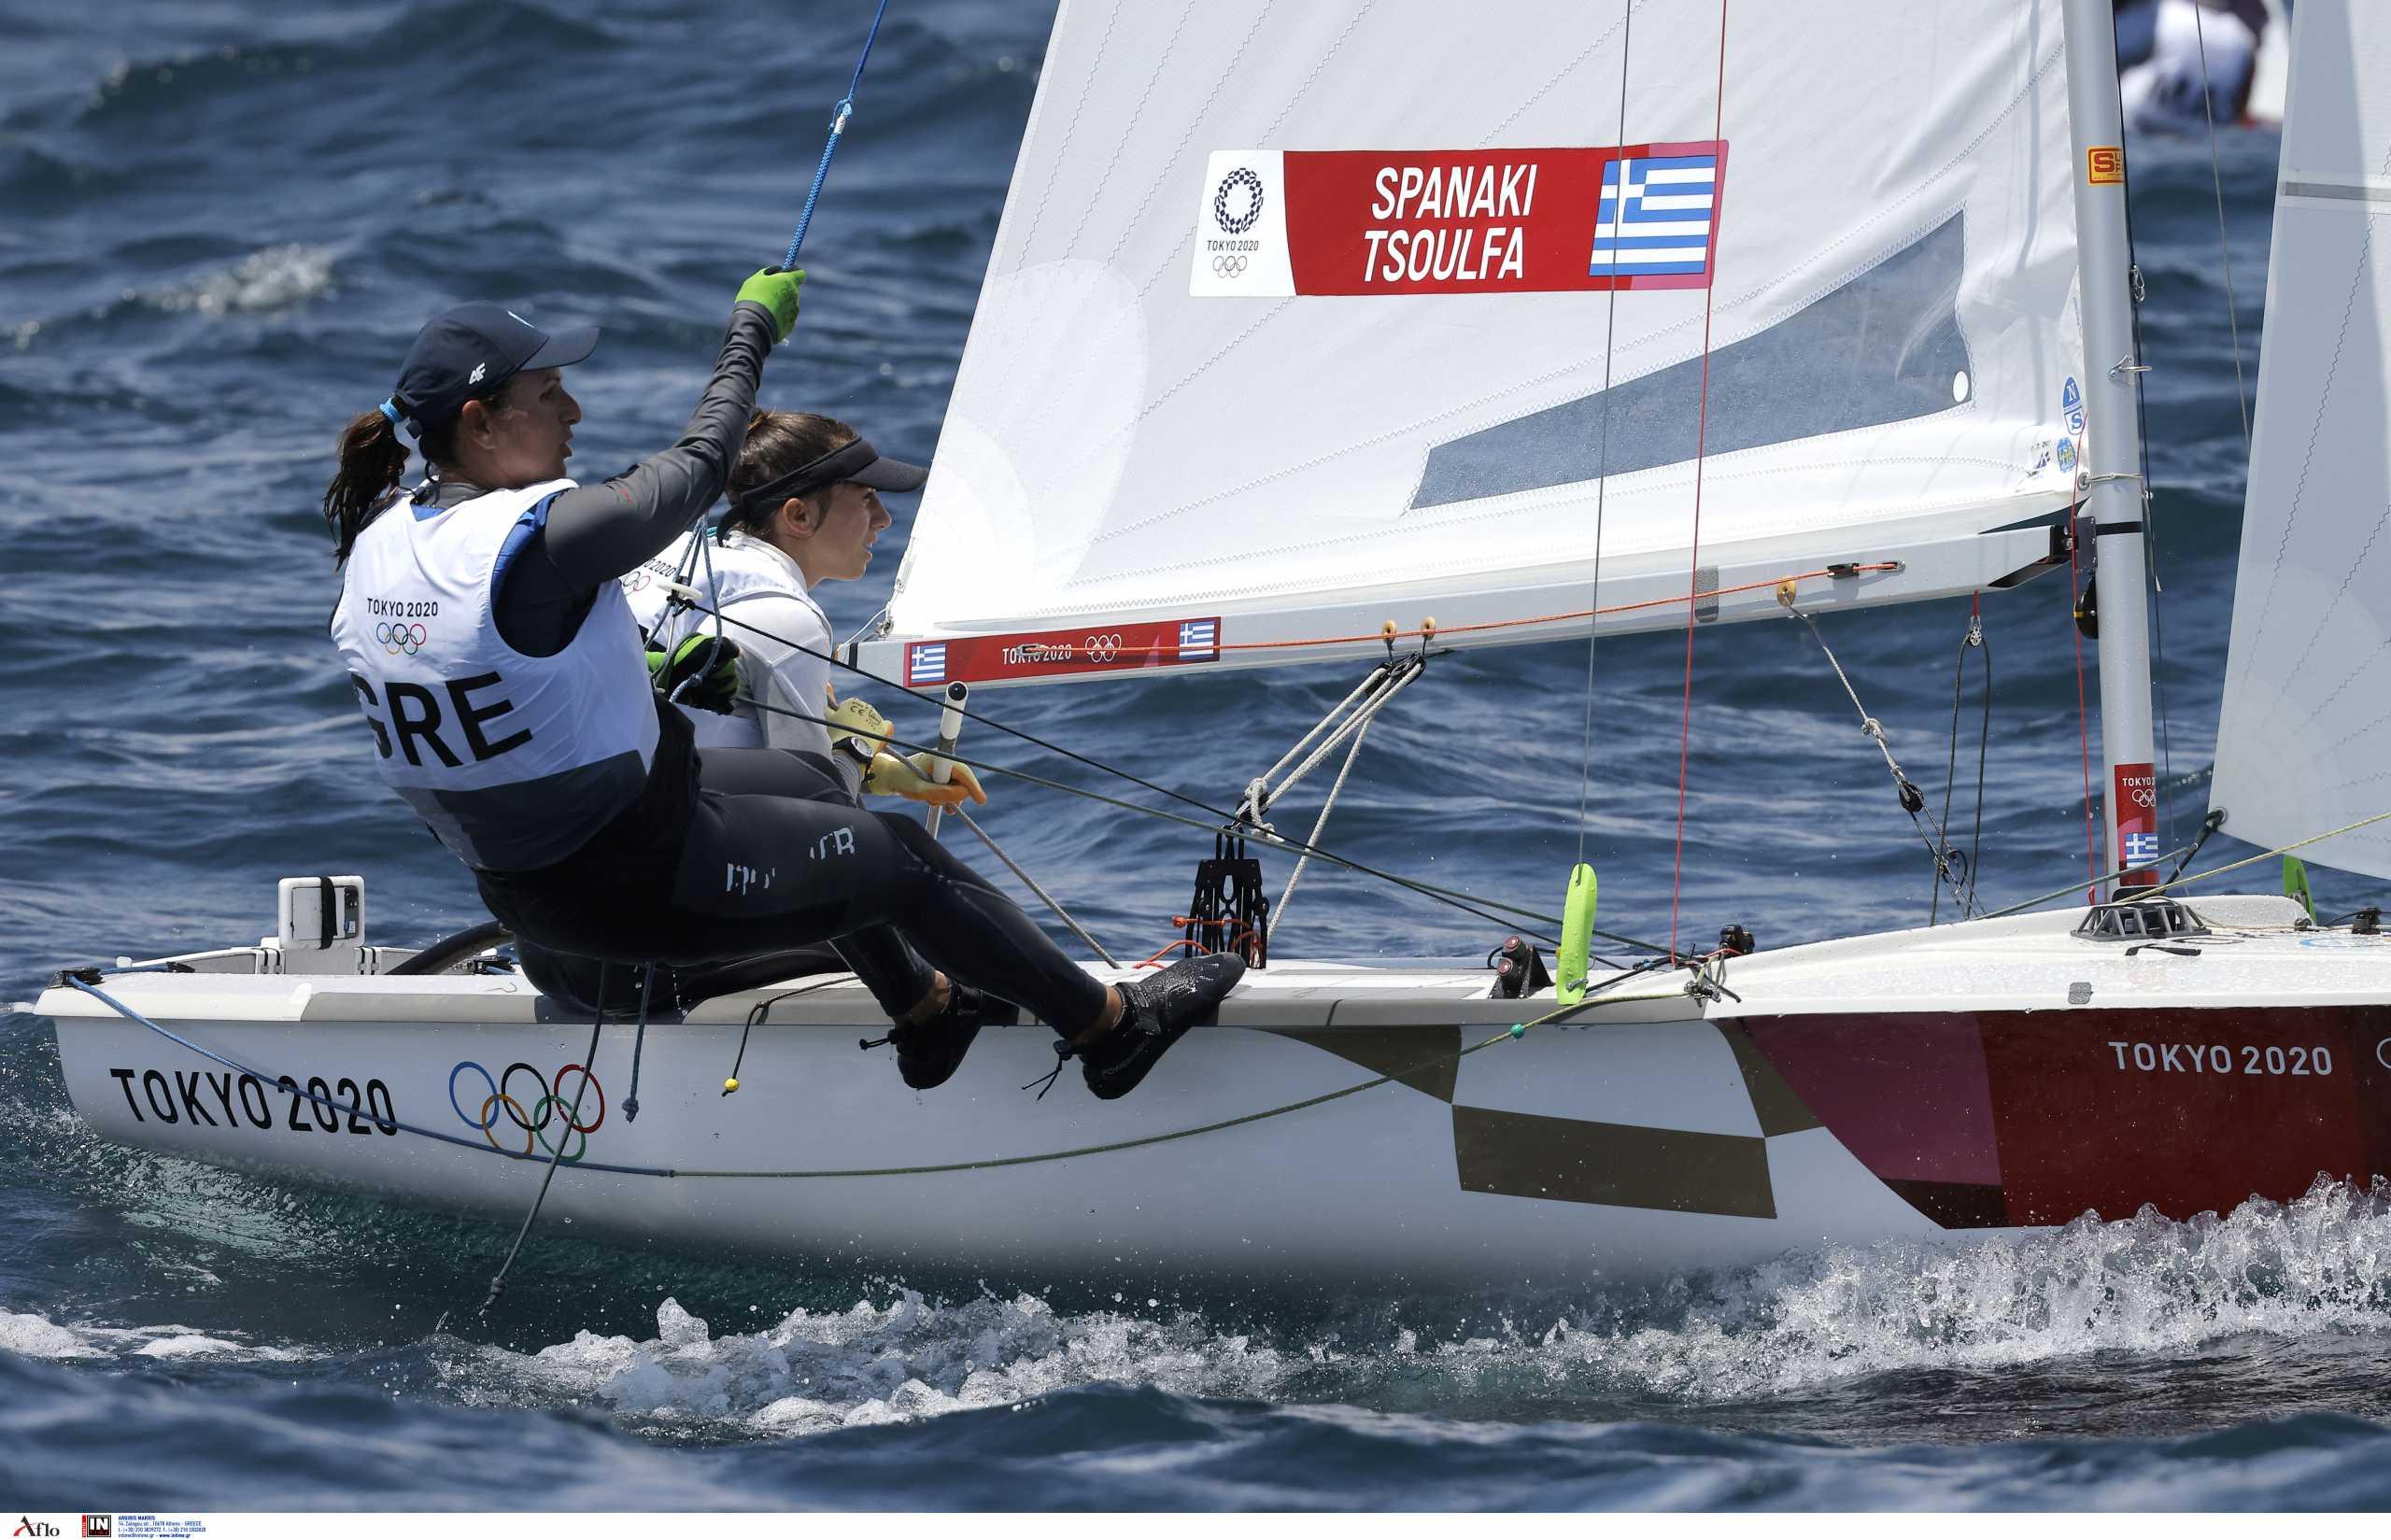 Ολυμπιακοί Αγώνες: Στη 15η θέση κατετάγησαν οι Αιμιλία Τσουλφά – Αριάδνη Σπανάκη